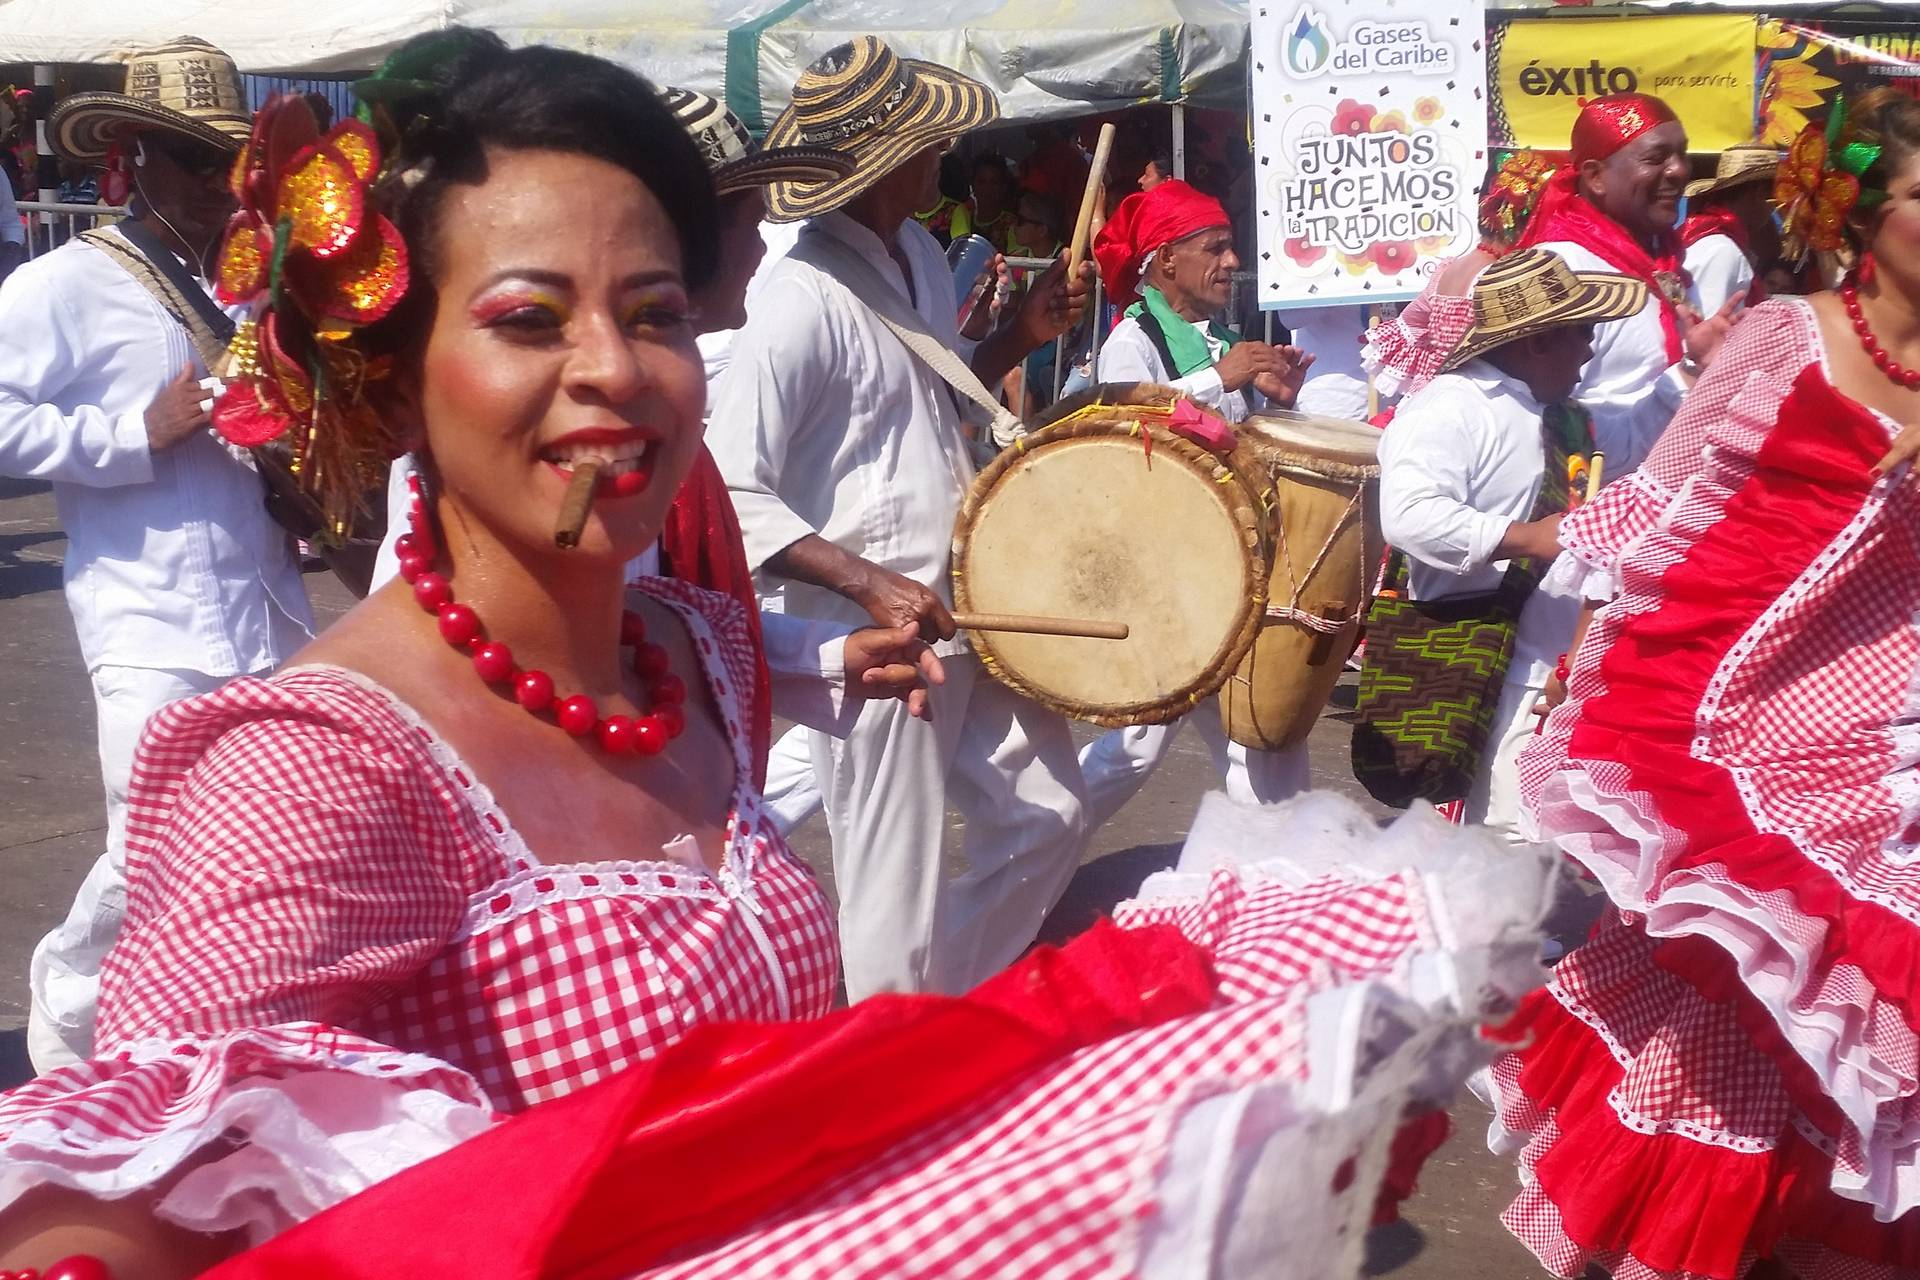 Колумбия: Карнавал, Кофе, Карибы